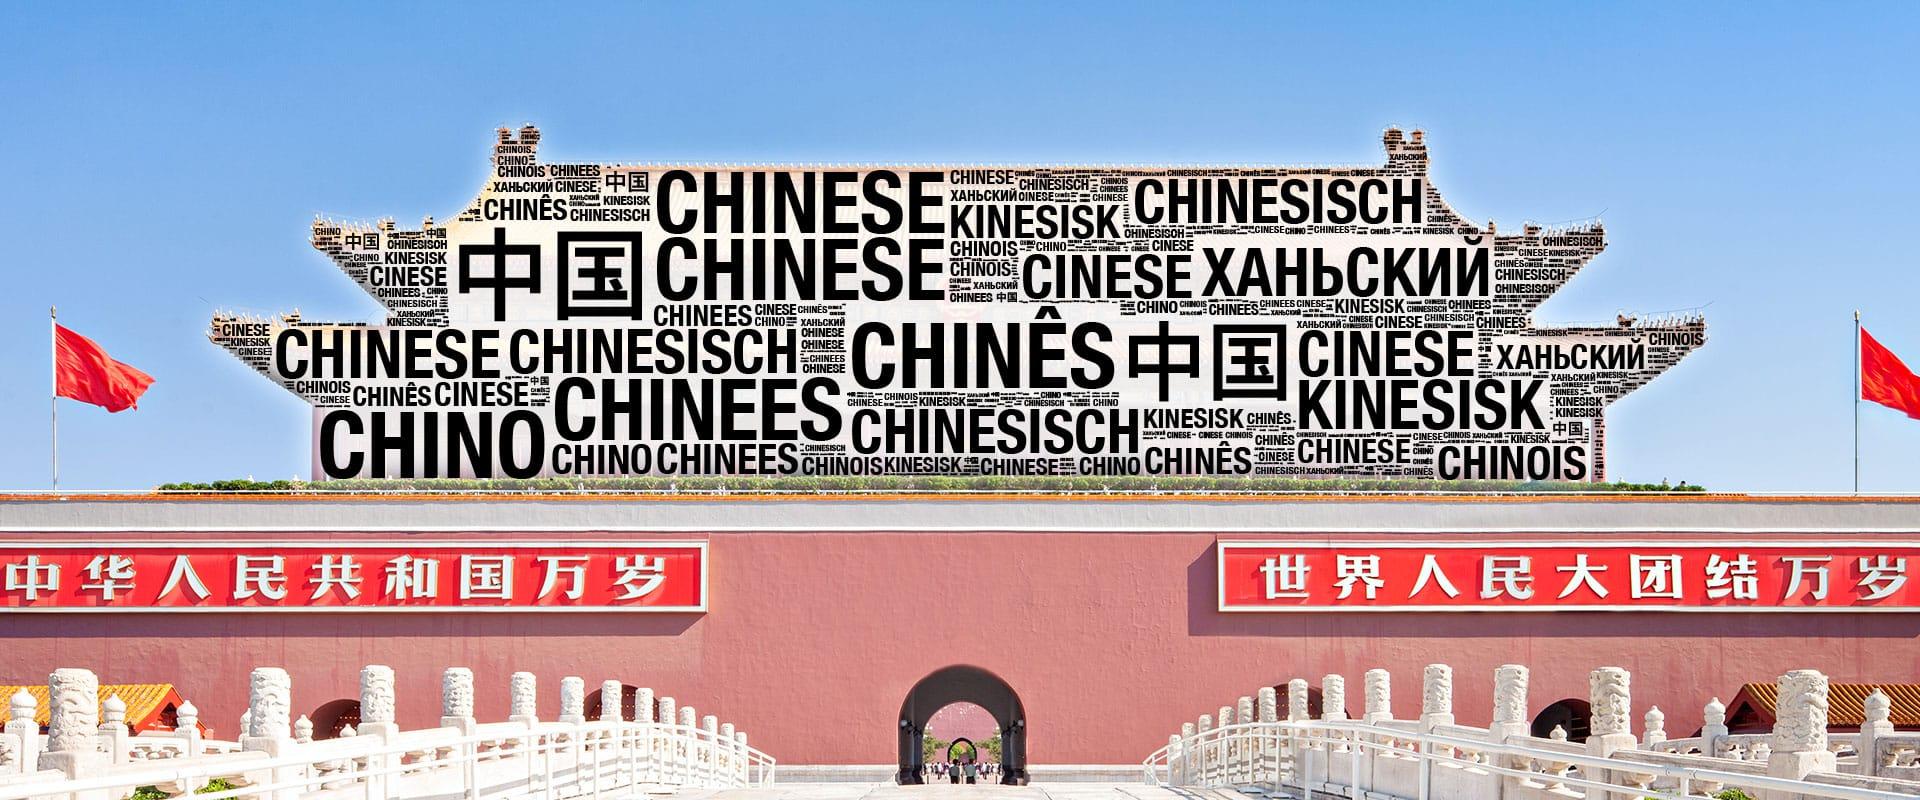 Tiananmen Square Wortwolke - Übersetzungen München